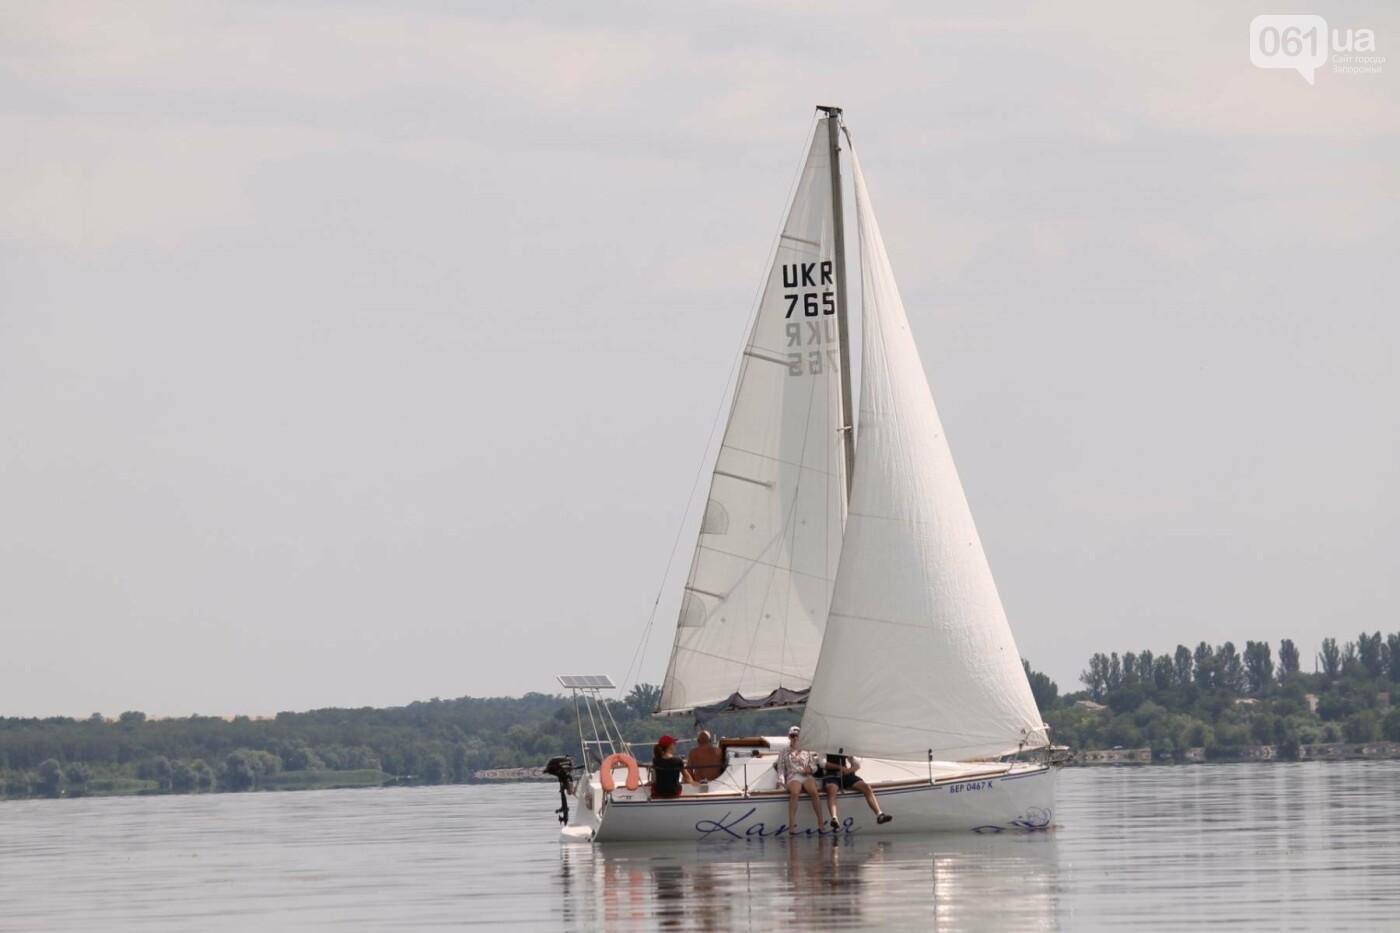 Сотни спортсменов и десятки яхт: как в Запорожье проходит парусная регата, – ФОТОРЕПОРТАЖ, фото-31